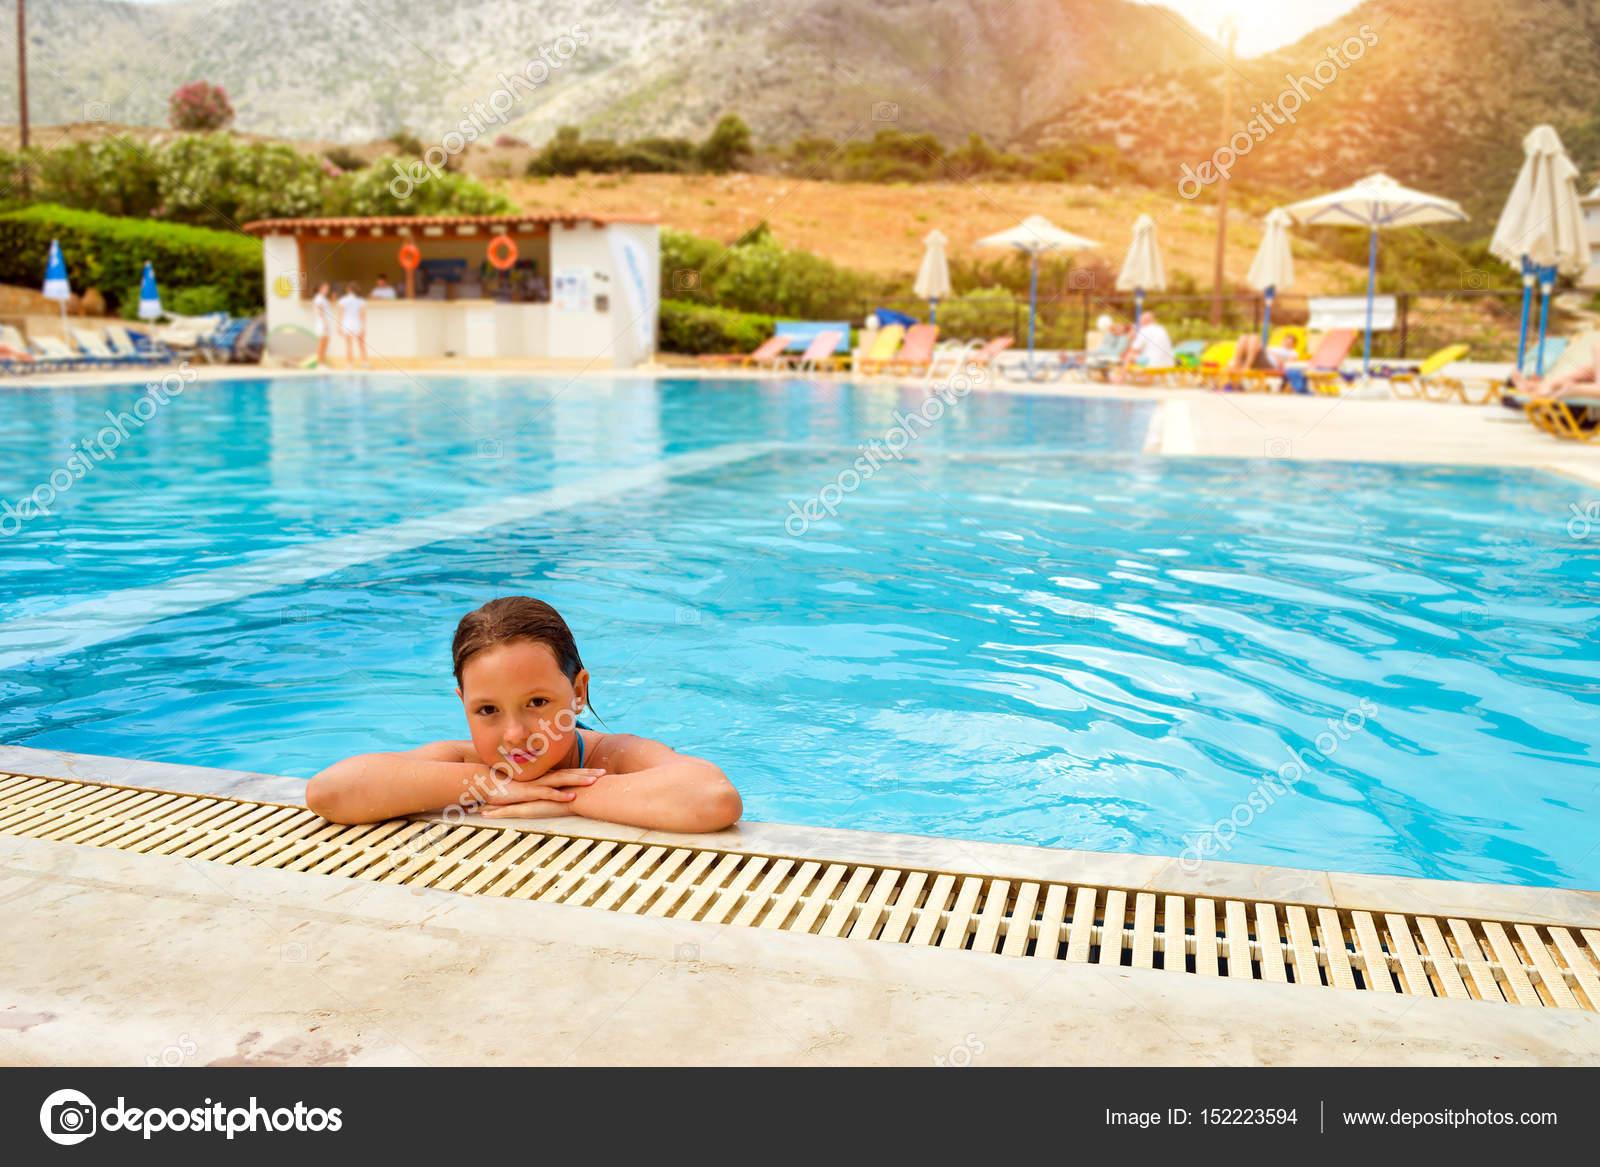 Badpak Zwemmen.Meisje In Badpak Zwemmen In Zwembad Bali Kreta Stockfoto